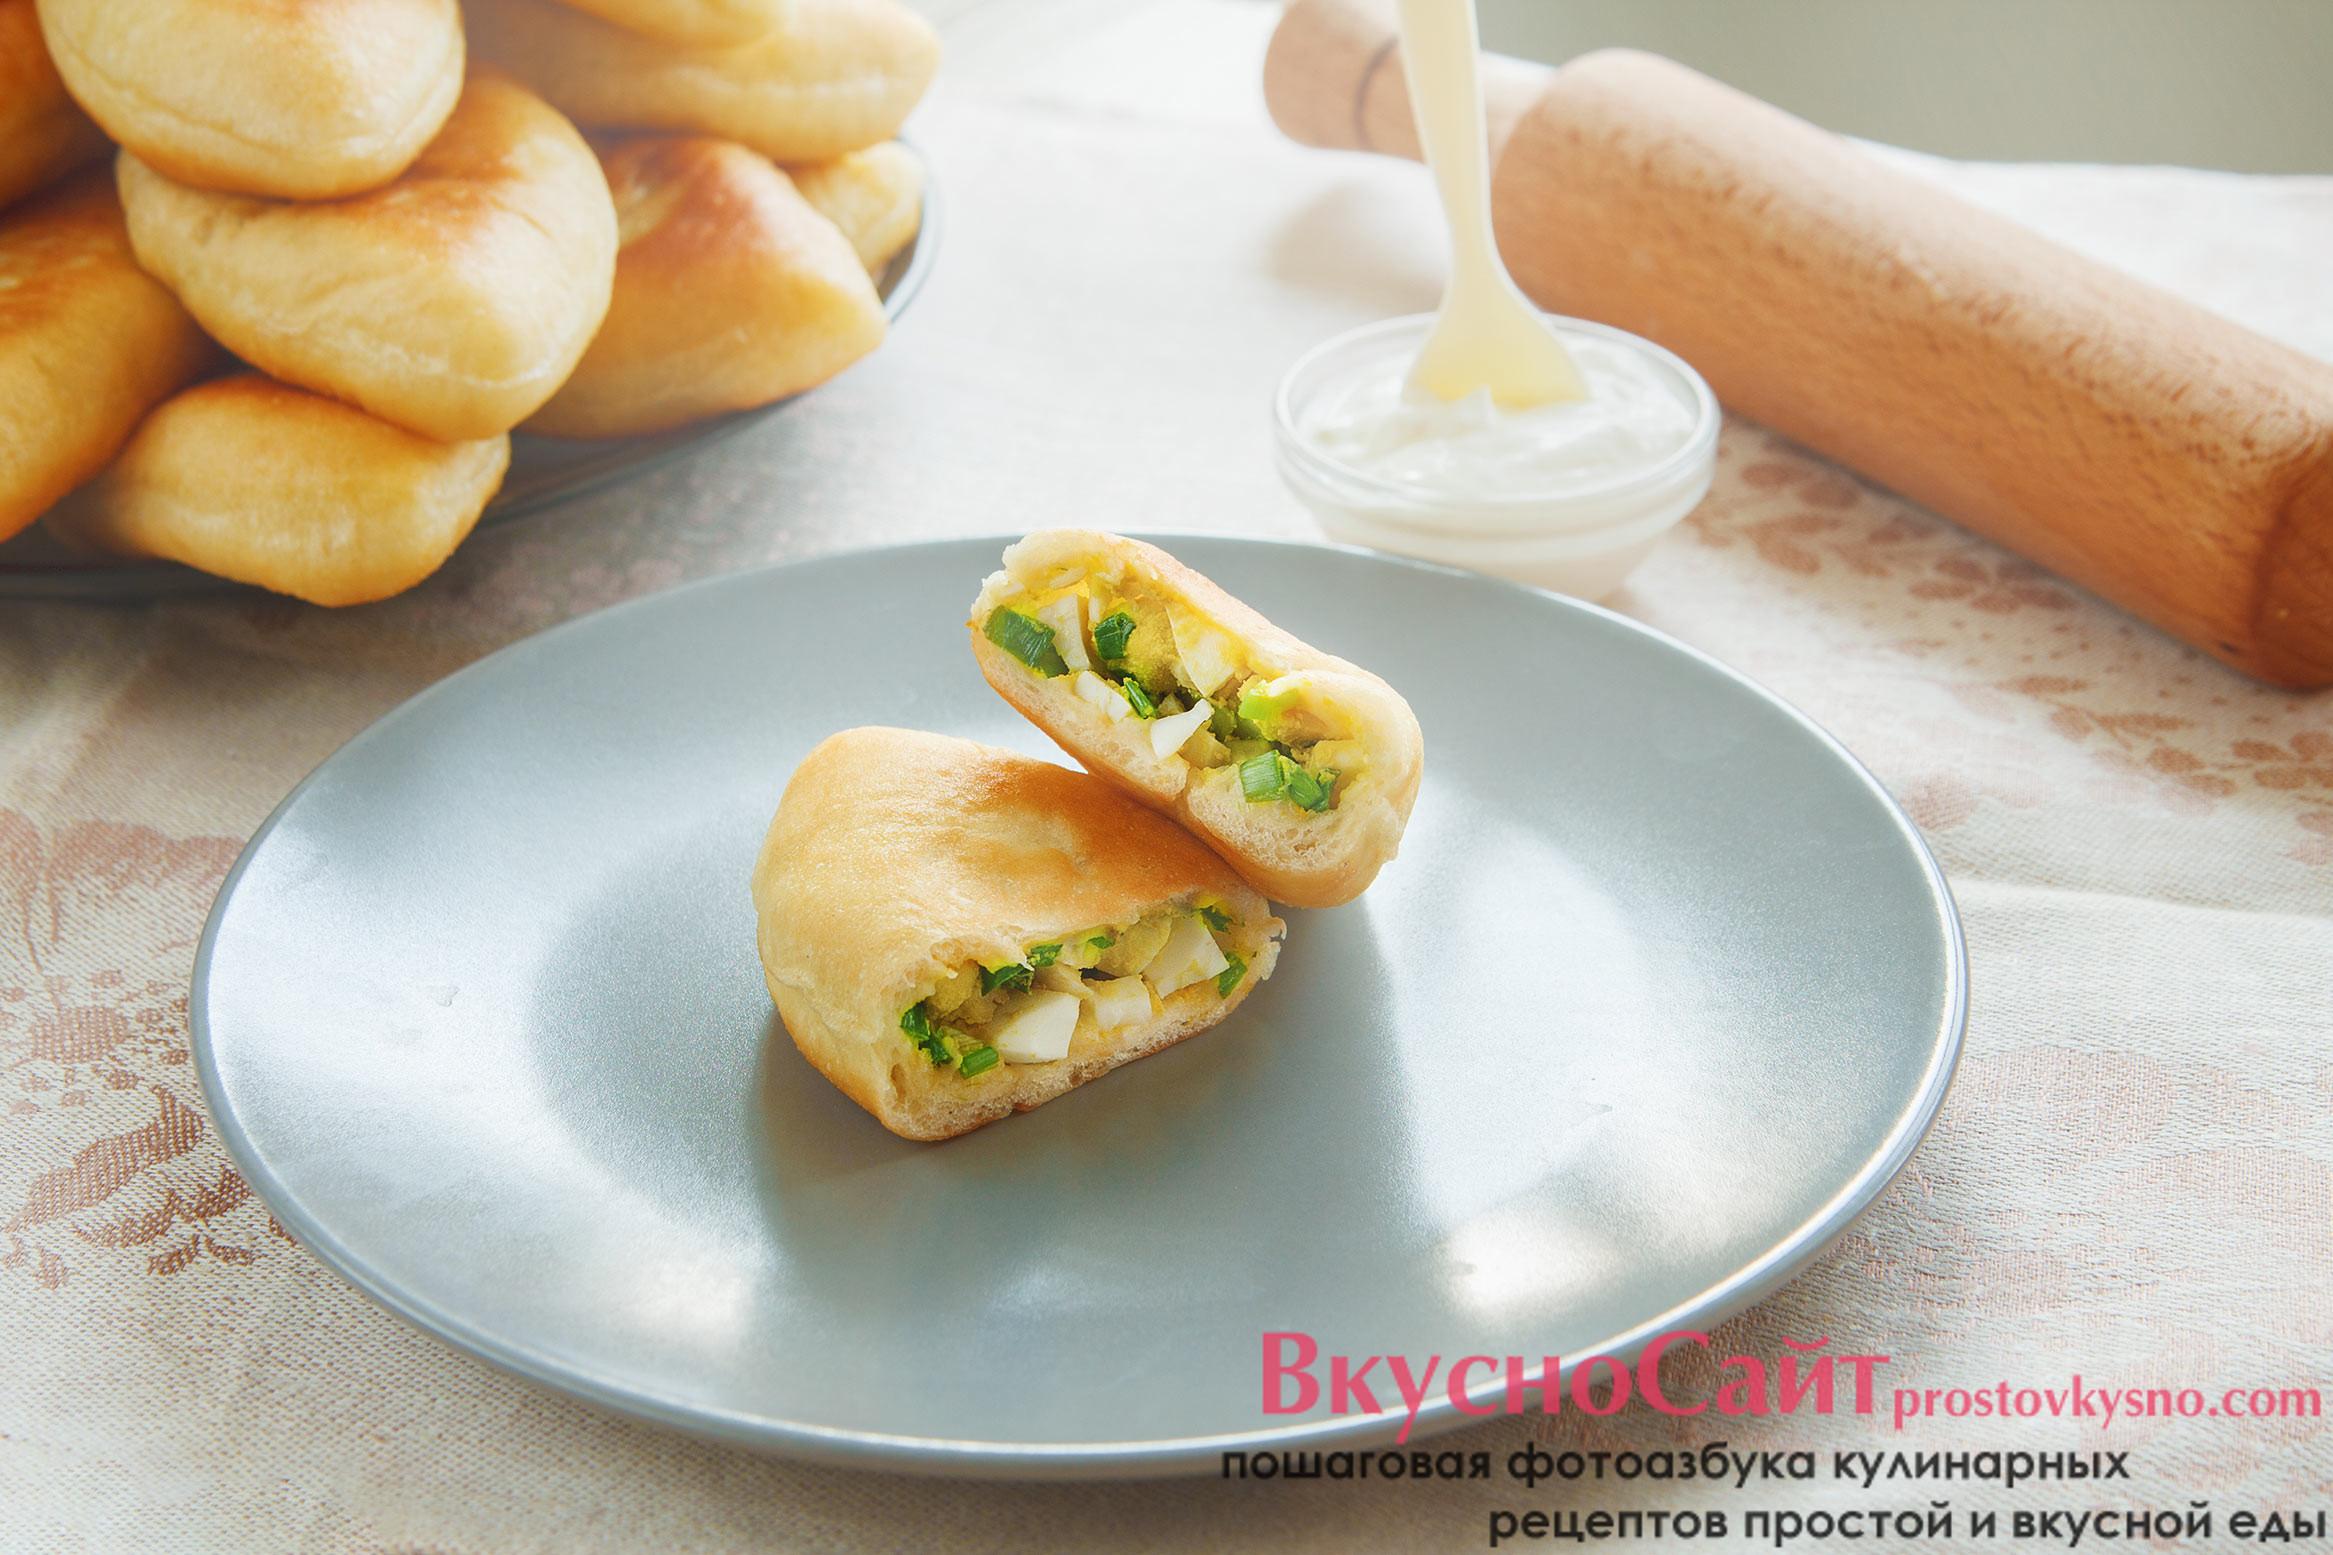 Вкусные дрожжевые жареные пирожки с яйцом и луком. Простой рецепт с фото